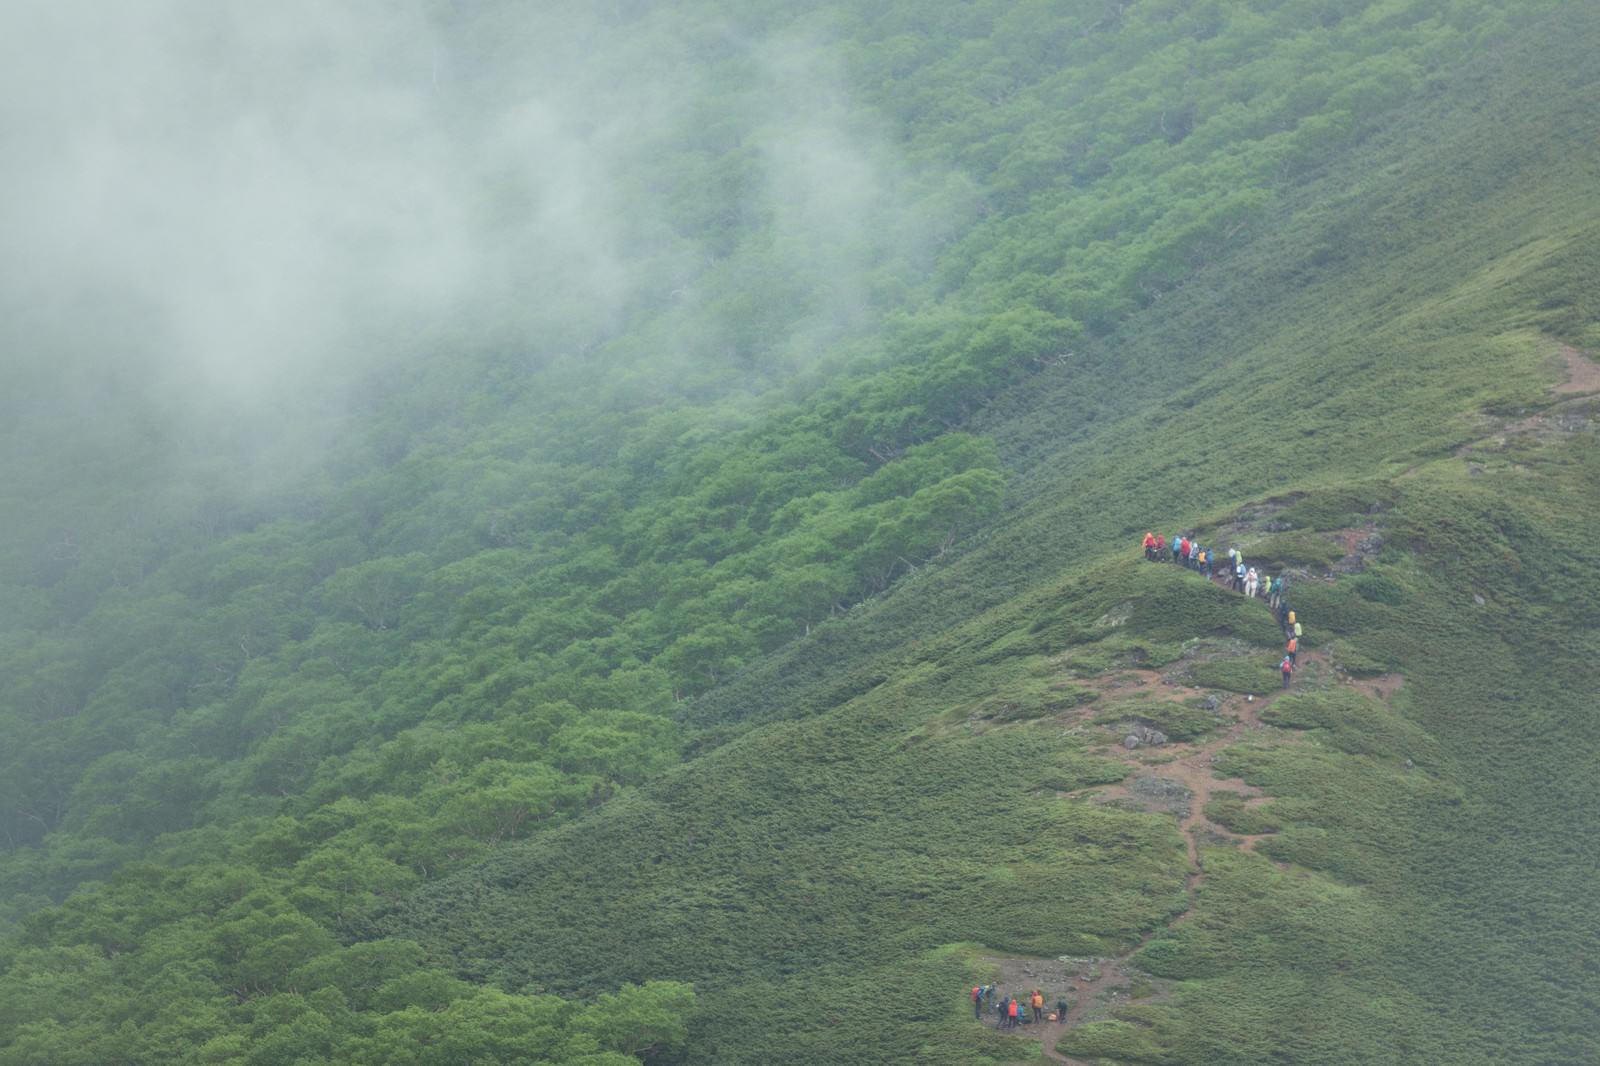 「森林限界付近を歩く登山者達」の写真